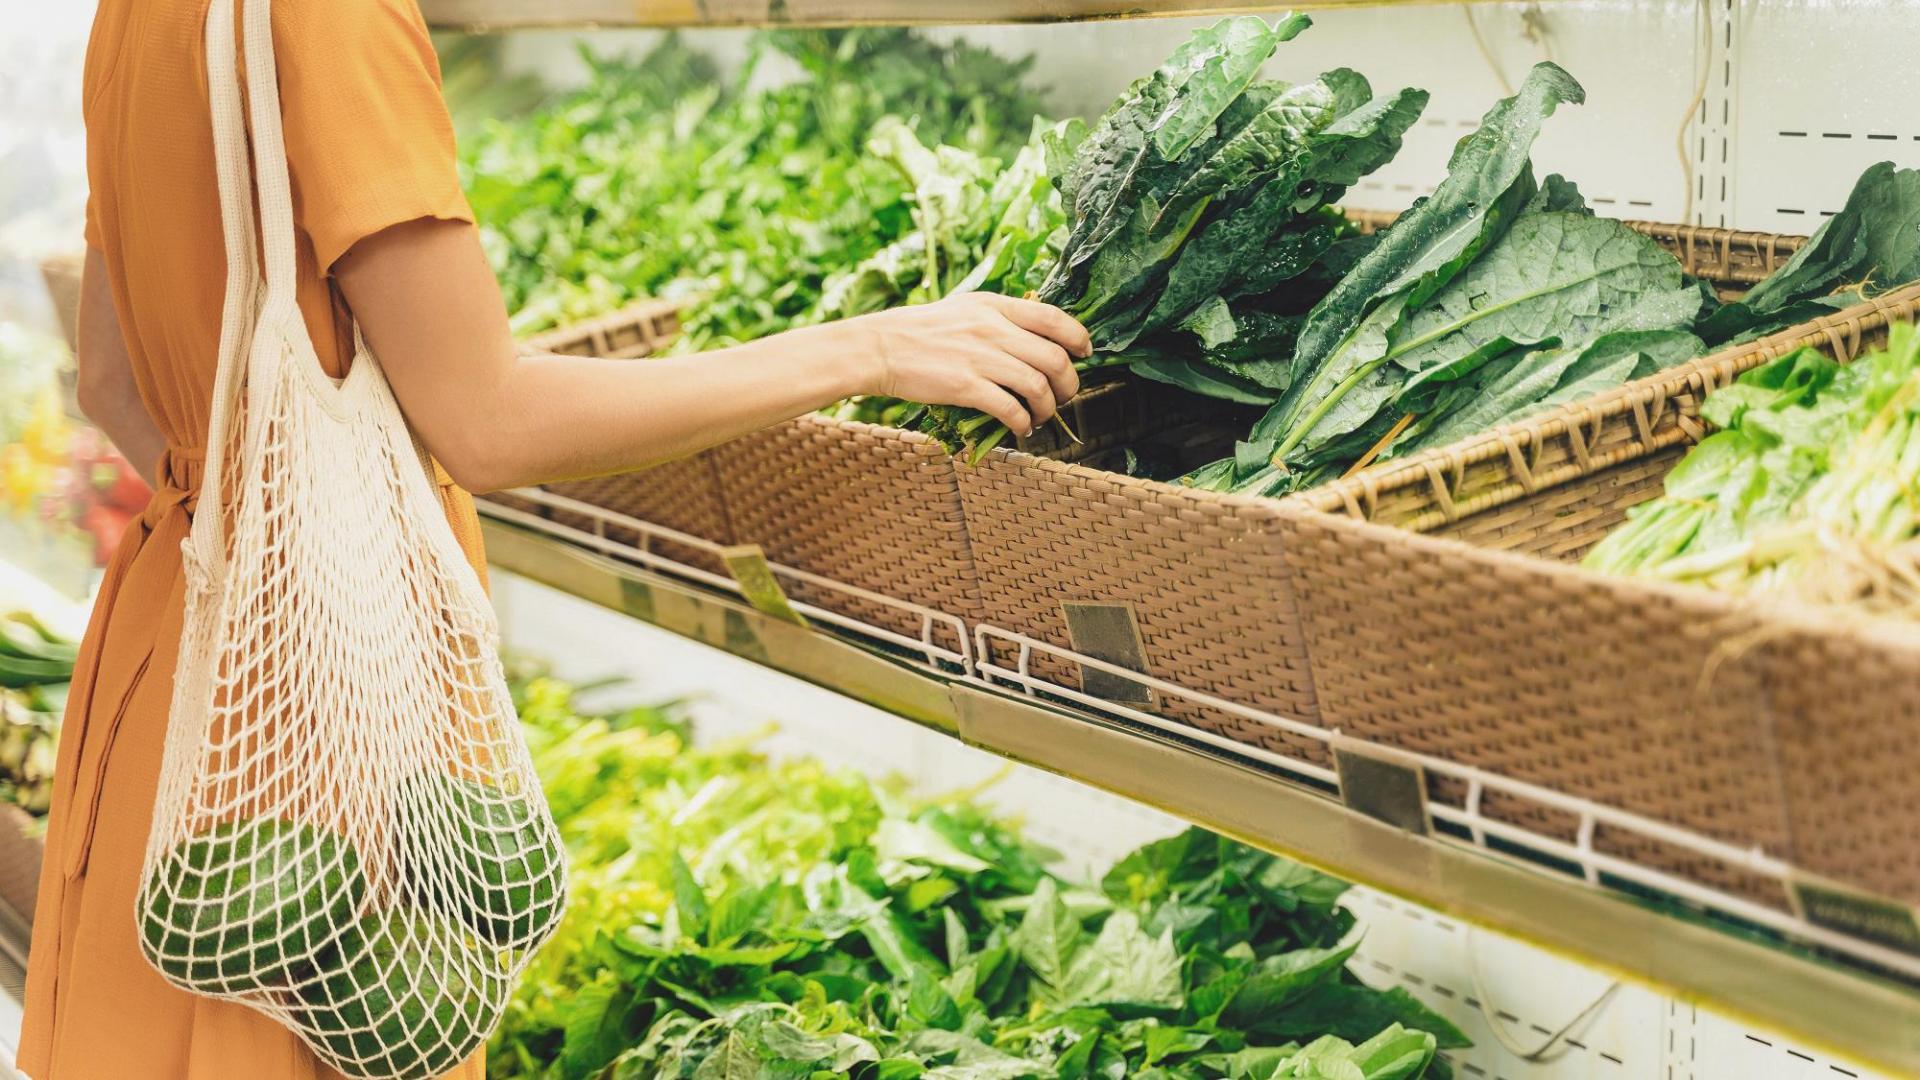 Einkaufen Frau Avocado